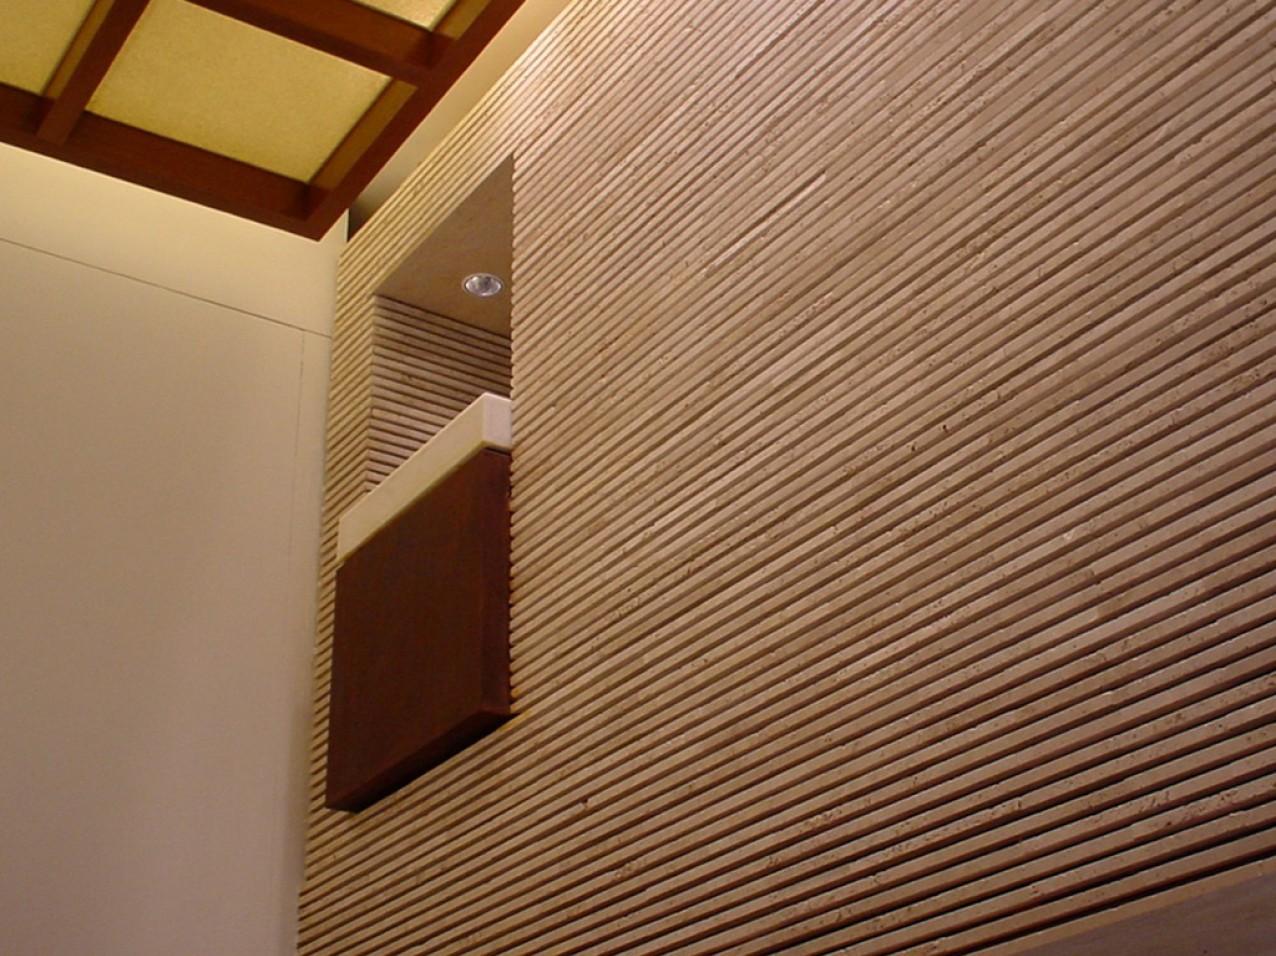 Obra comercial pedaco por pedaco - Detalhe parede